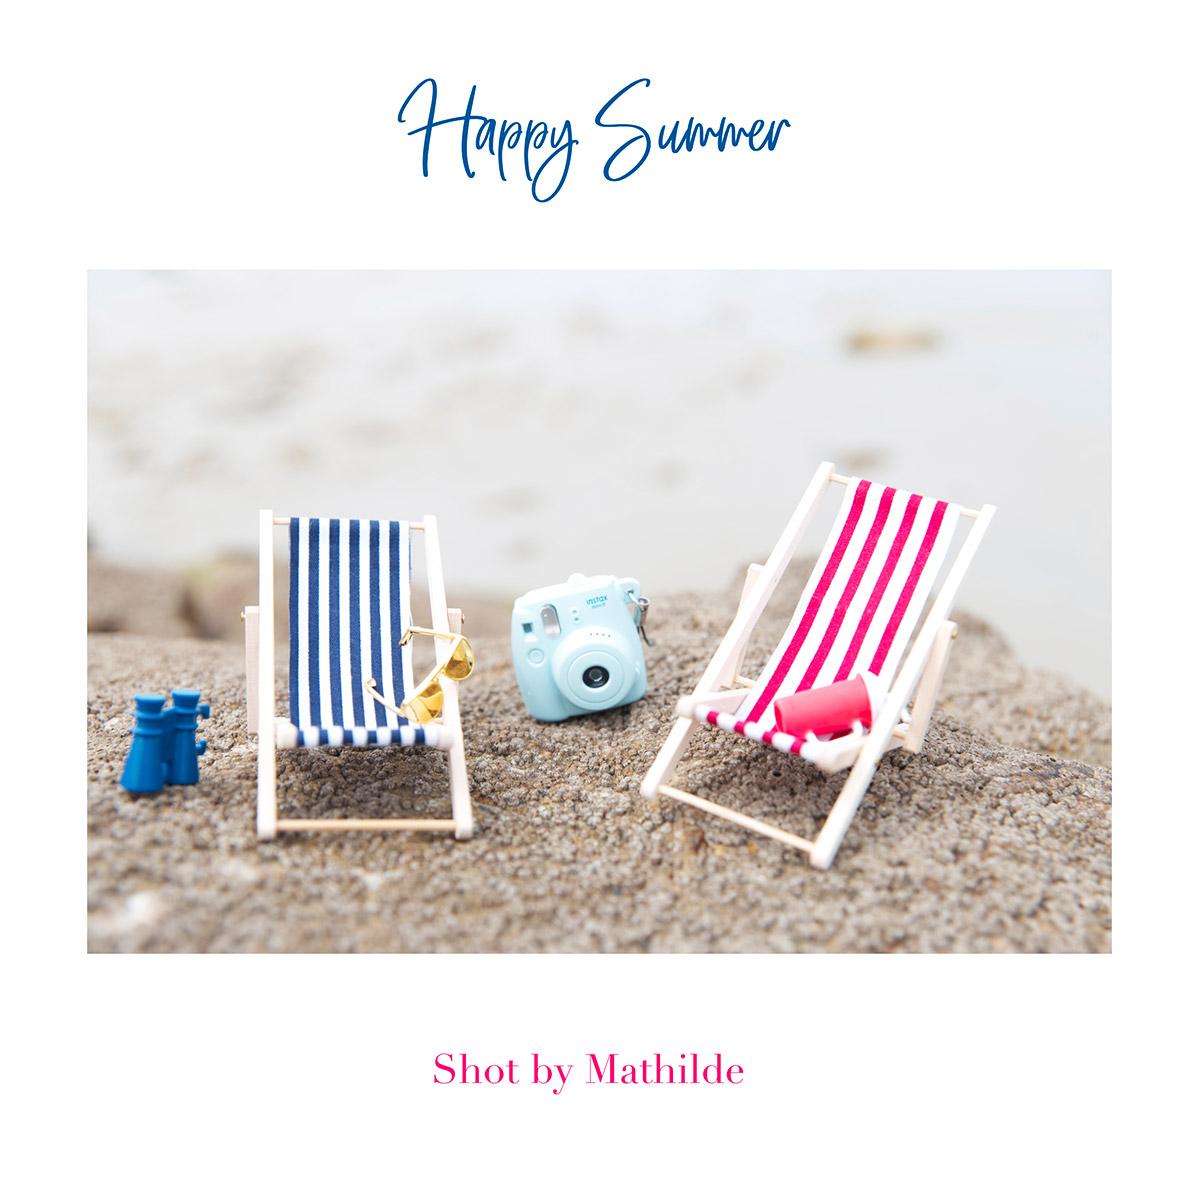 Happy Summer, mise photographique réalisée par la Visual Storyteller Mathilde Troussard